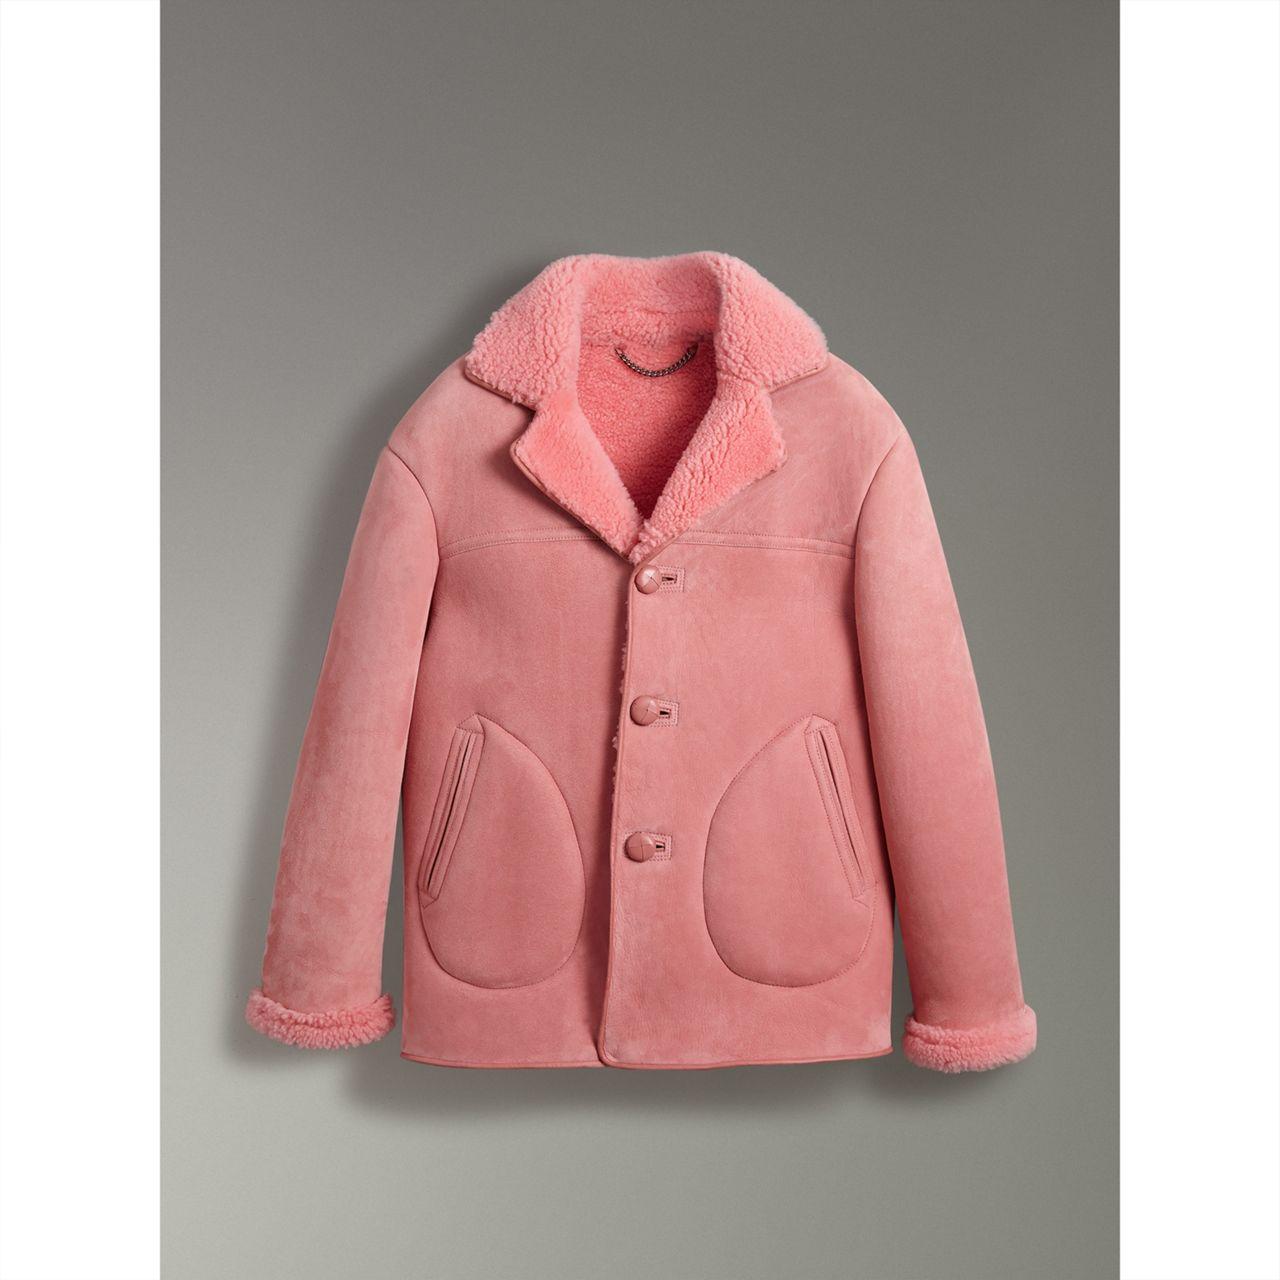 Burberry Leather Trim Shearling Jacket $4,195,  Burberry.com